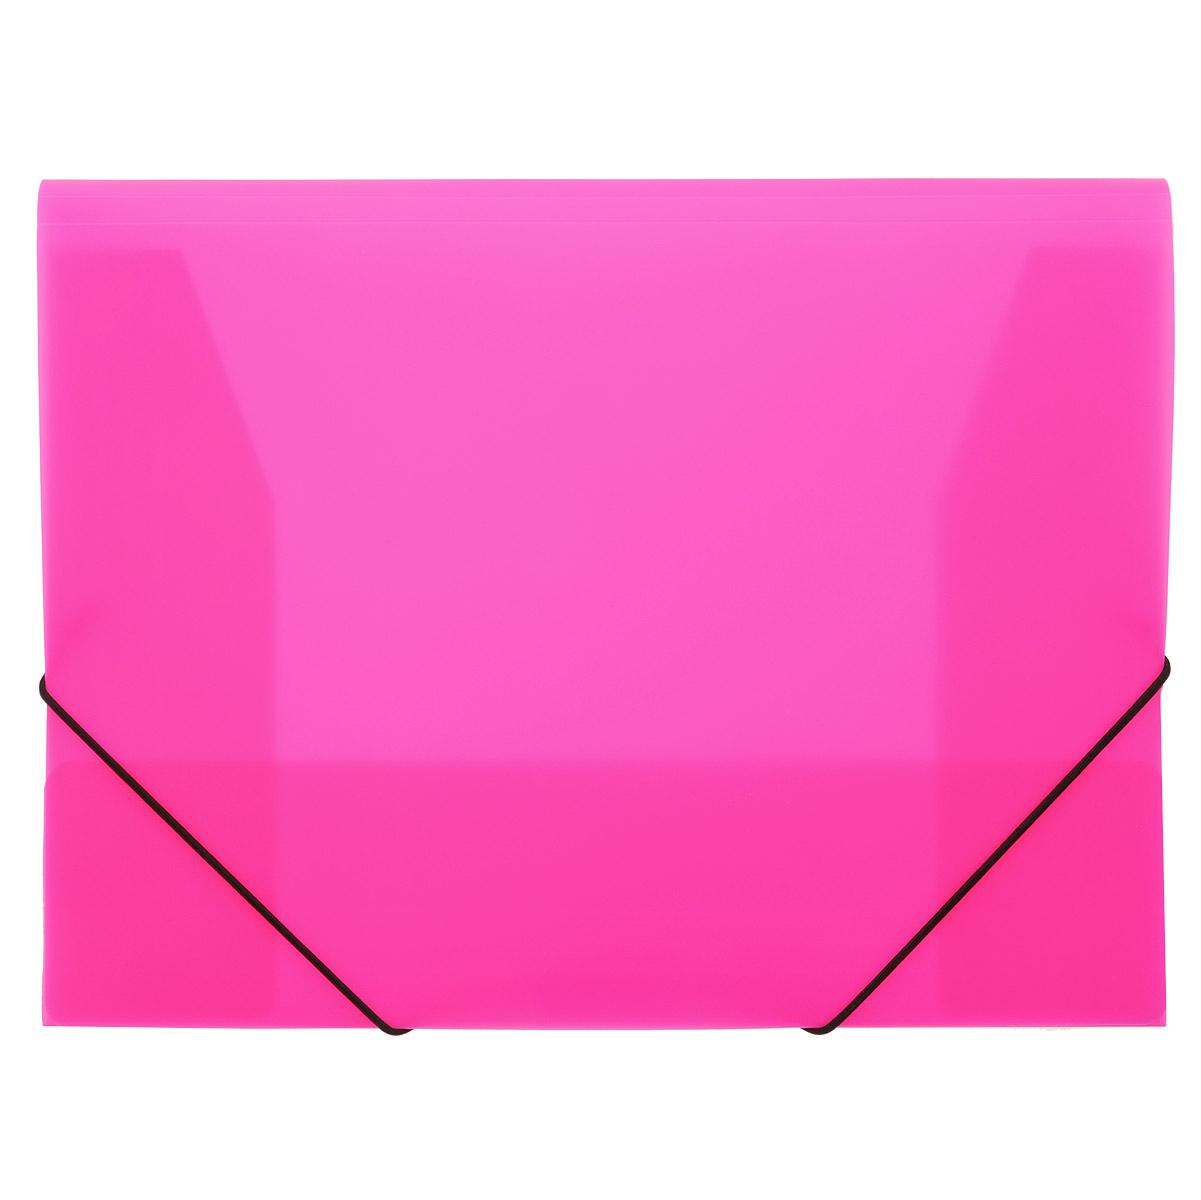 Папка на резинках Erich Krause, цвет: розовый. Формат А42AB4_12645Практичная папка на резинках Erich Krause пригодится в каждом офисе для хранения документов. Папка выполнена из пластика и надежно закрывается с помощью двух эластичных угловых резинок. Папка с тремя клапанами надежно сохраняет документы от повреждений и пыли. Вмещает большое количество документовБлагодаря использованию качественных материалов, безупречных технологий обработки и высокой функциональности, эти стильные изделия выдержат даже самый напряженный рабочий день.